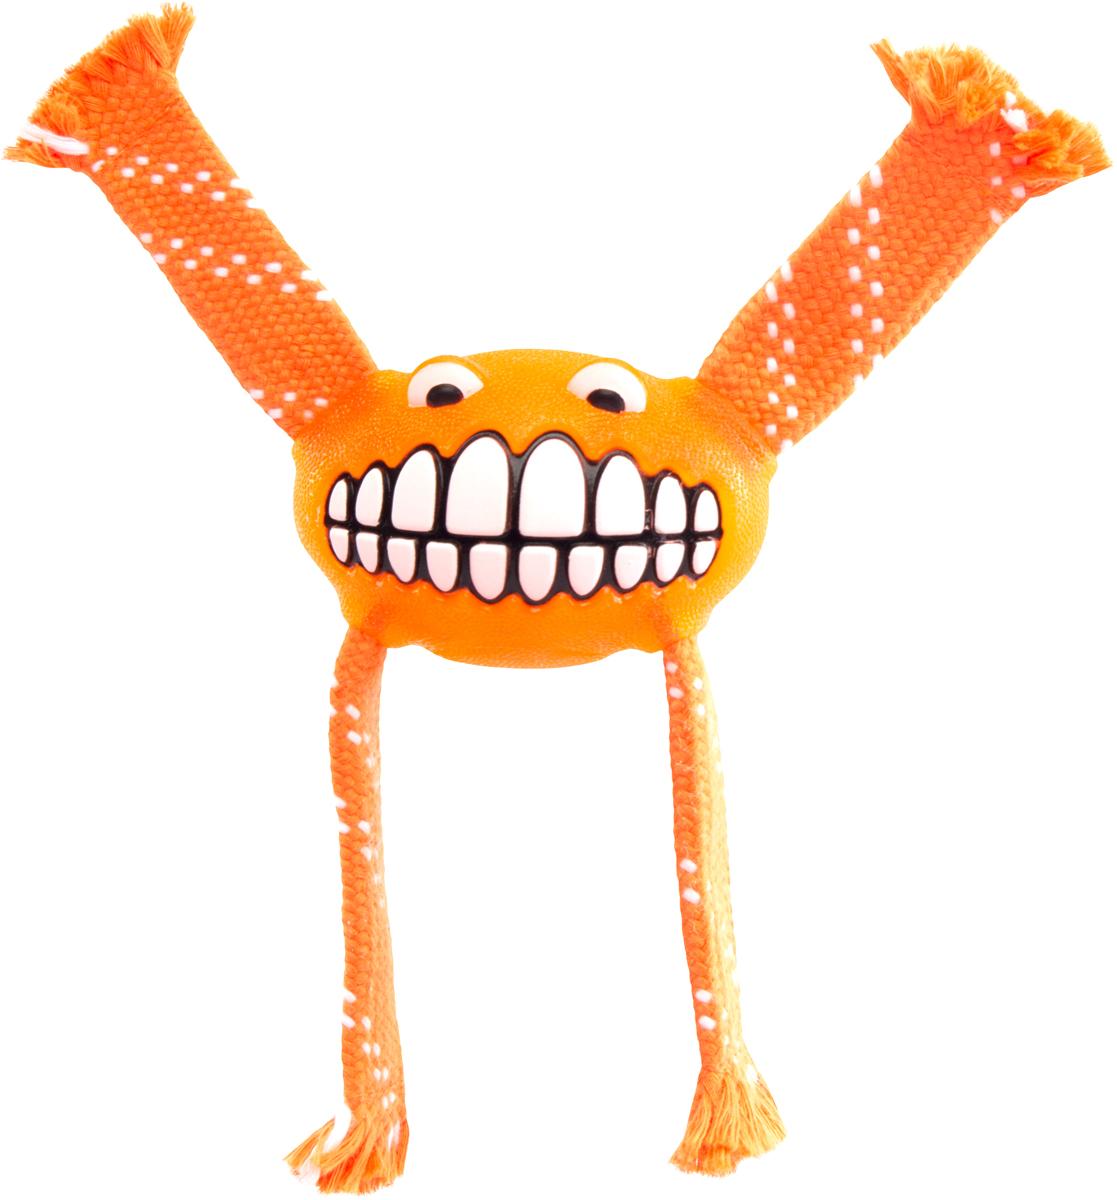 Игрушка для собак Rogz Flossy Grinz. Зубы, цвет: оранжевый, длина 16,5 смFGR01DИгрушка для собак Rogz Flossy Grinz. Зубы типа Отними - очень прочная и крепкая.Внутри – пищалка, что поддерживает интерес животного к игре..Уникальная функция игрушки - чистит язык и зубы.